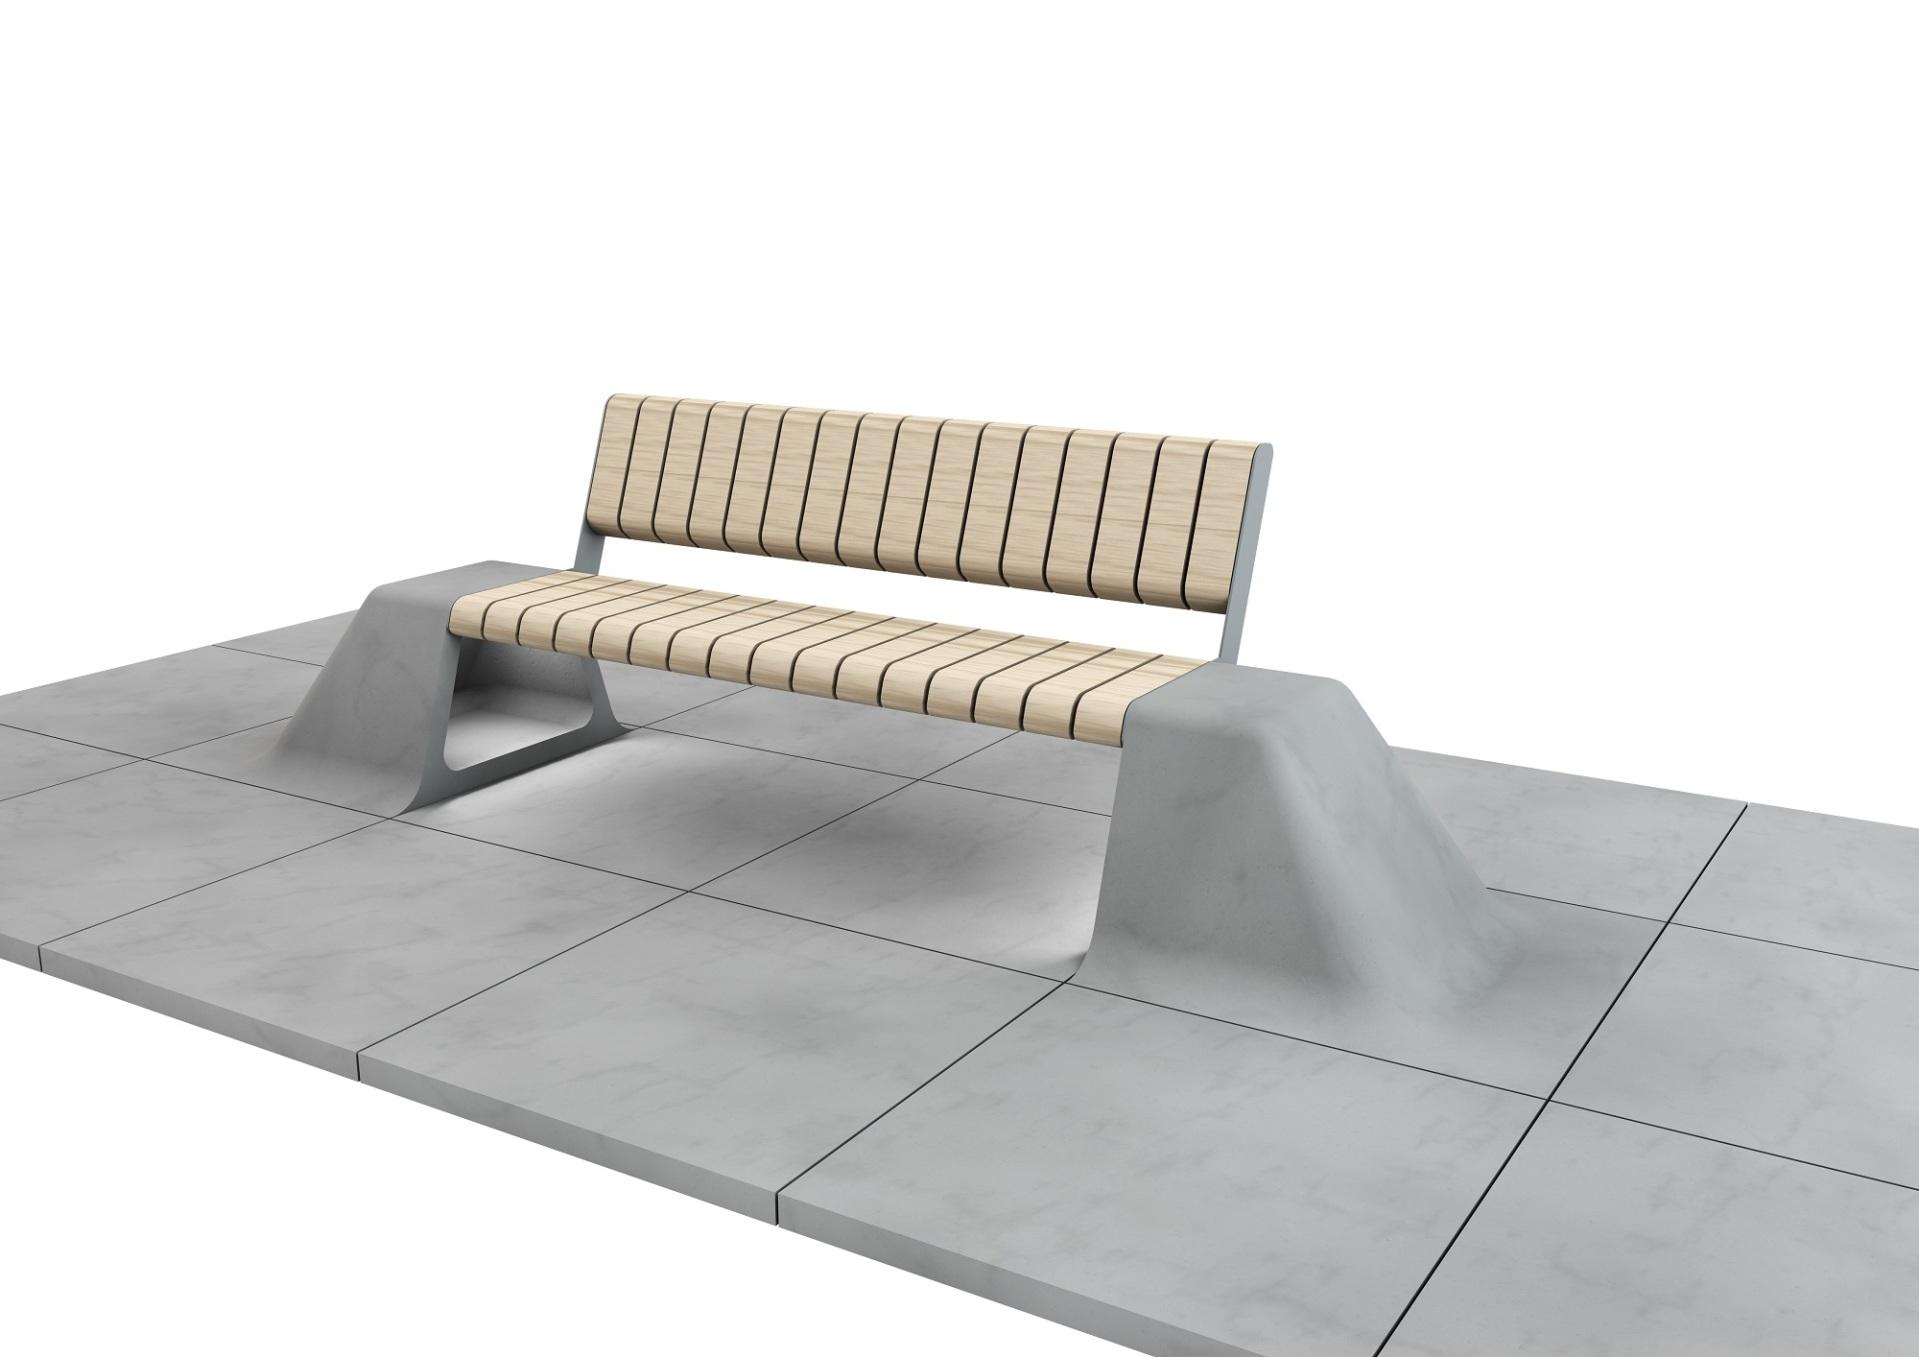 Městský mobiliář a dlažba slide 2